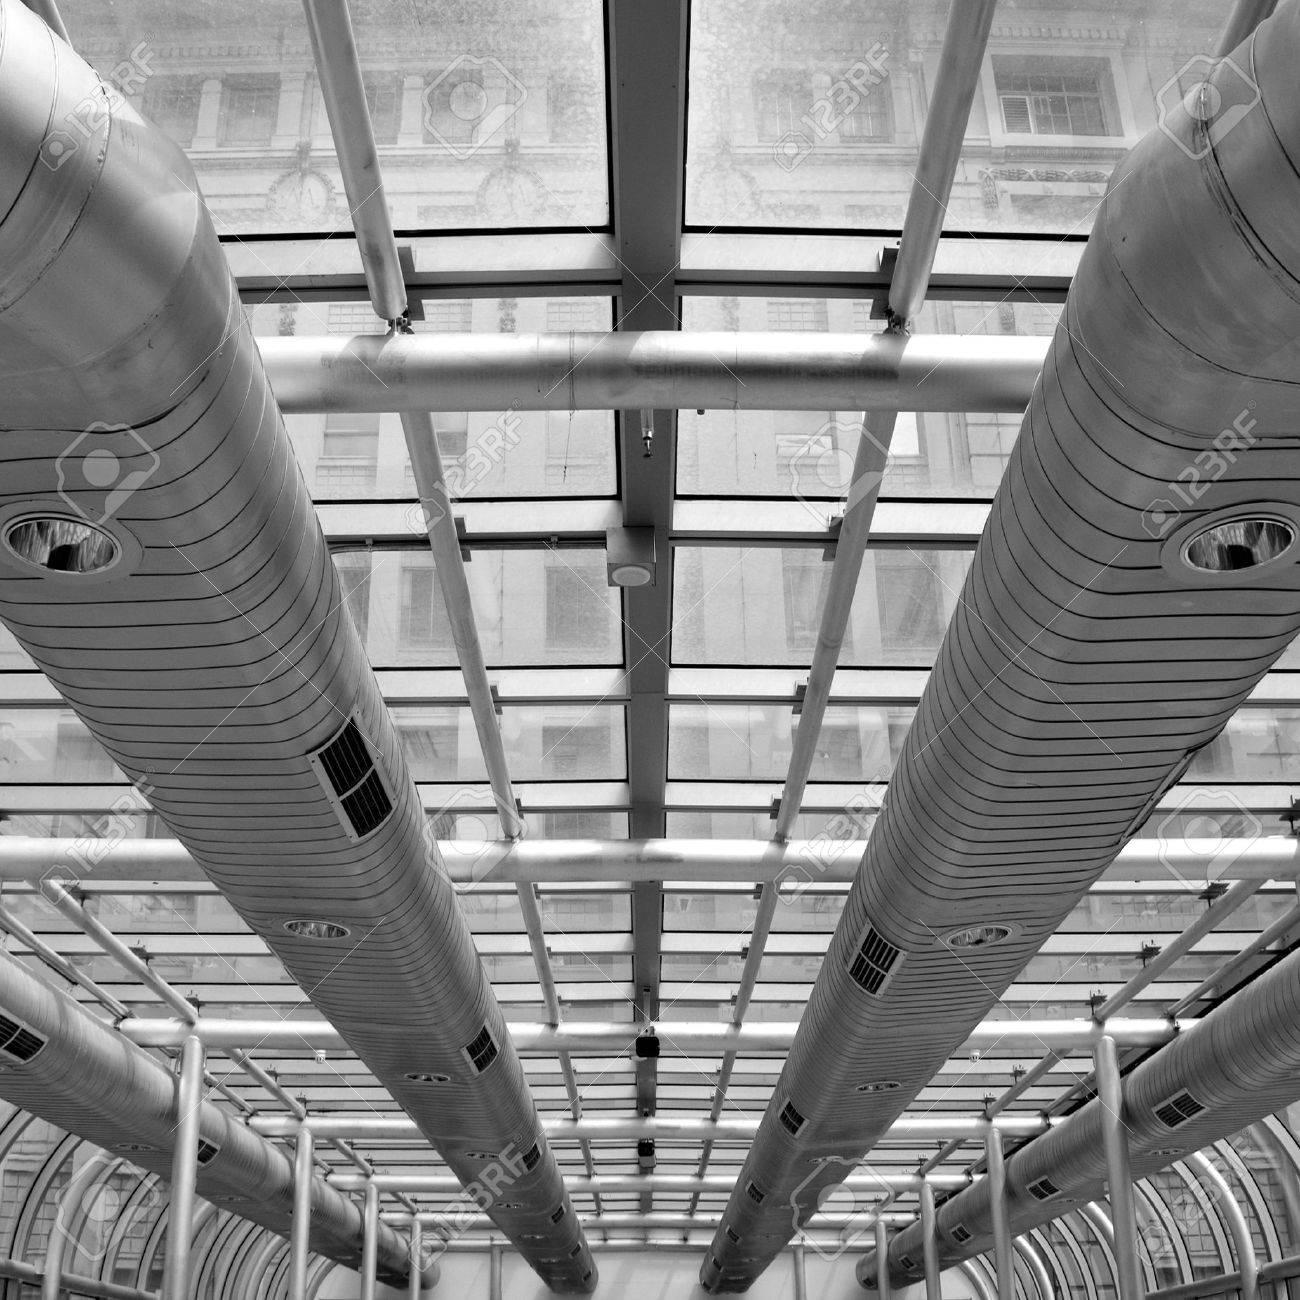 メルボルン、オーストラリアのモダンな建物の空調用ダクト 写真素材 , 9381311